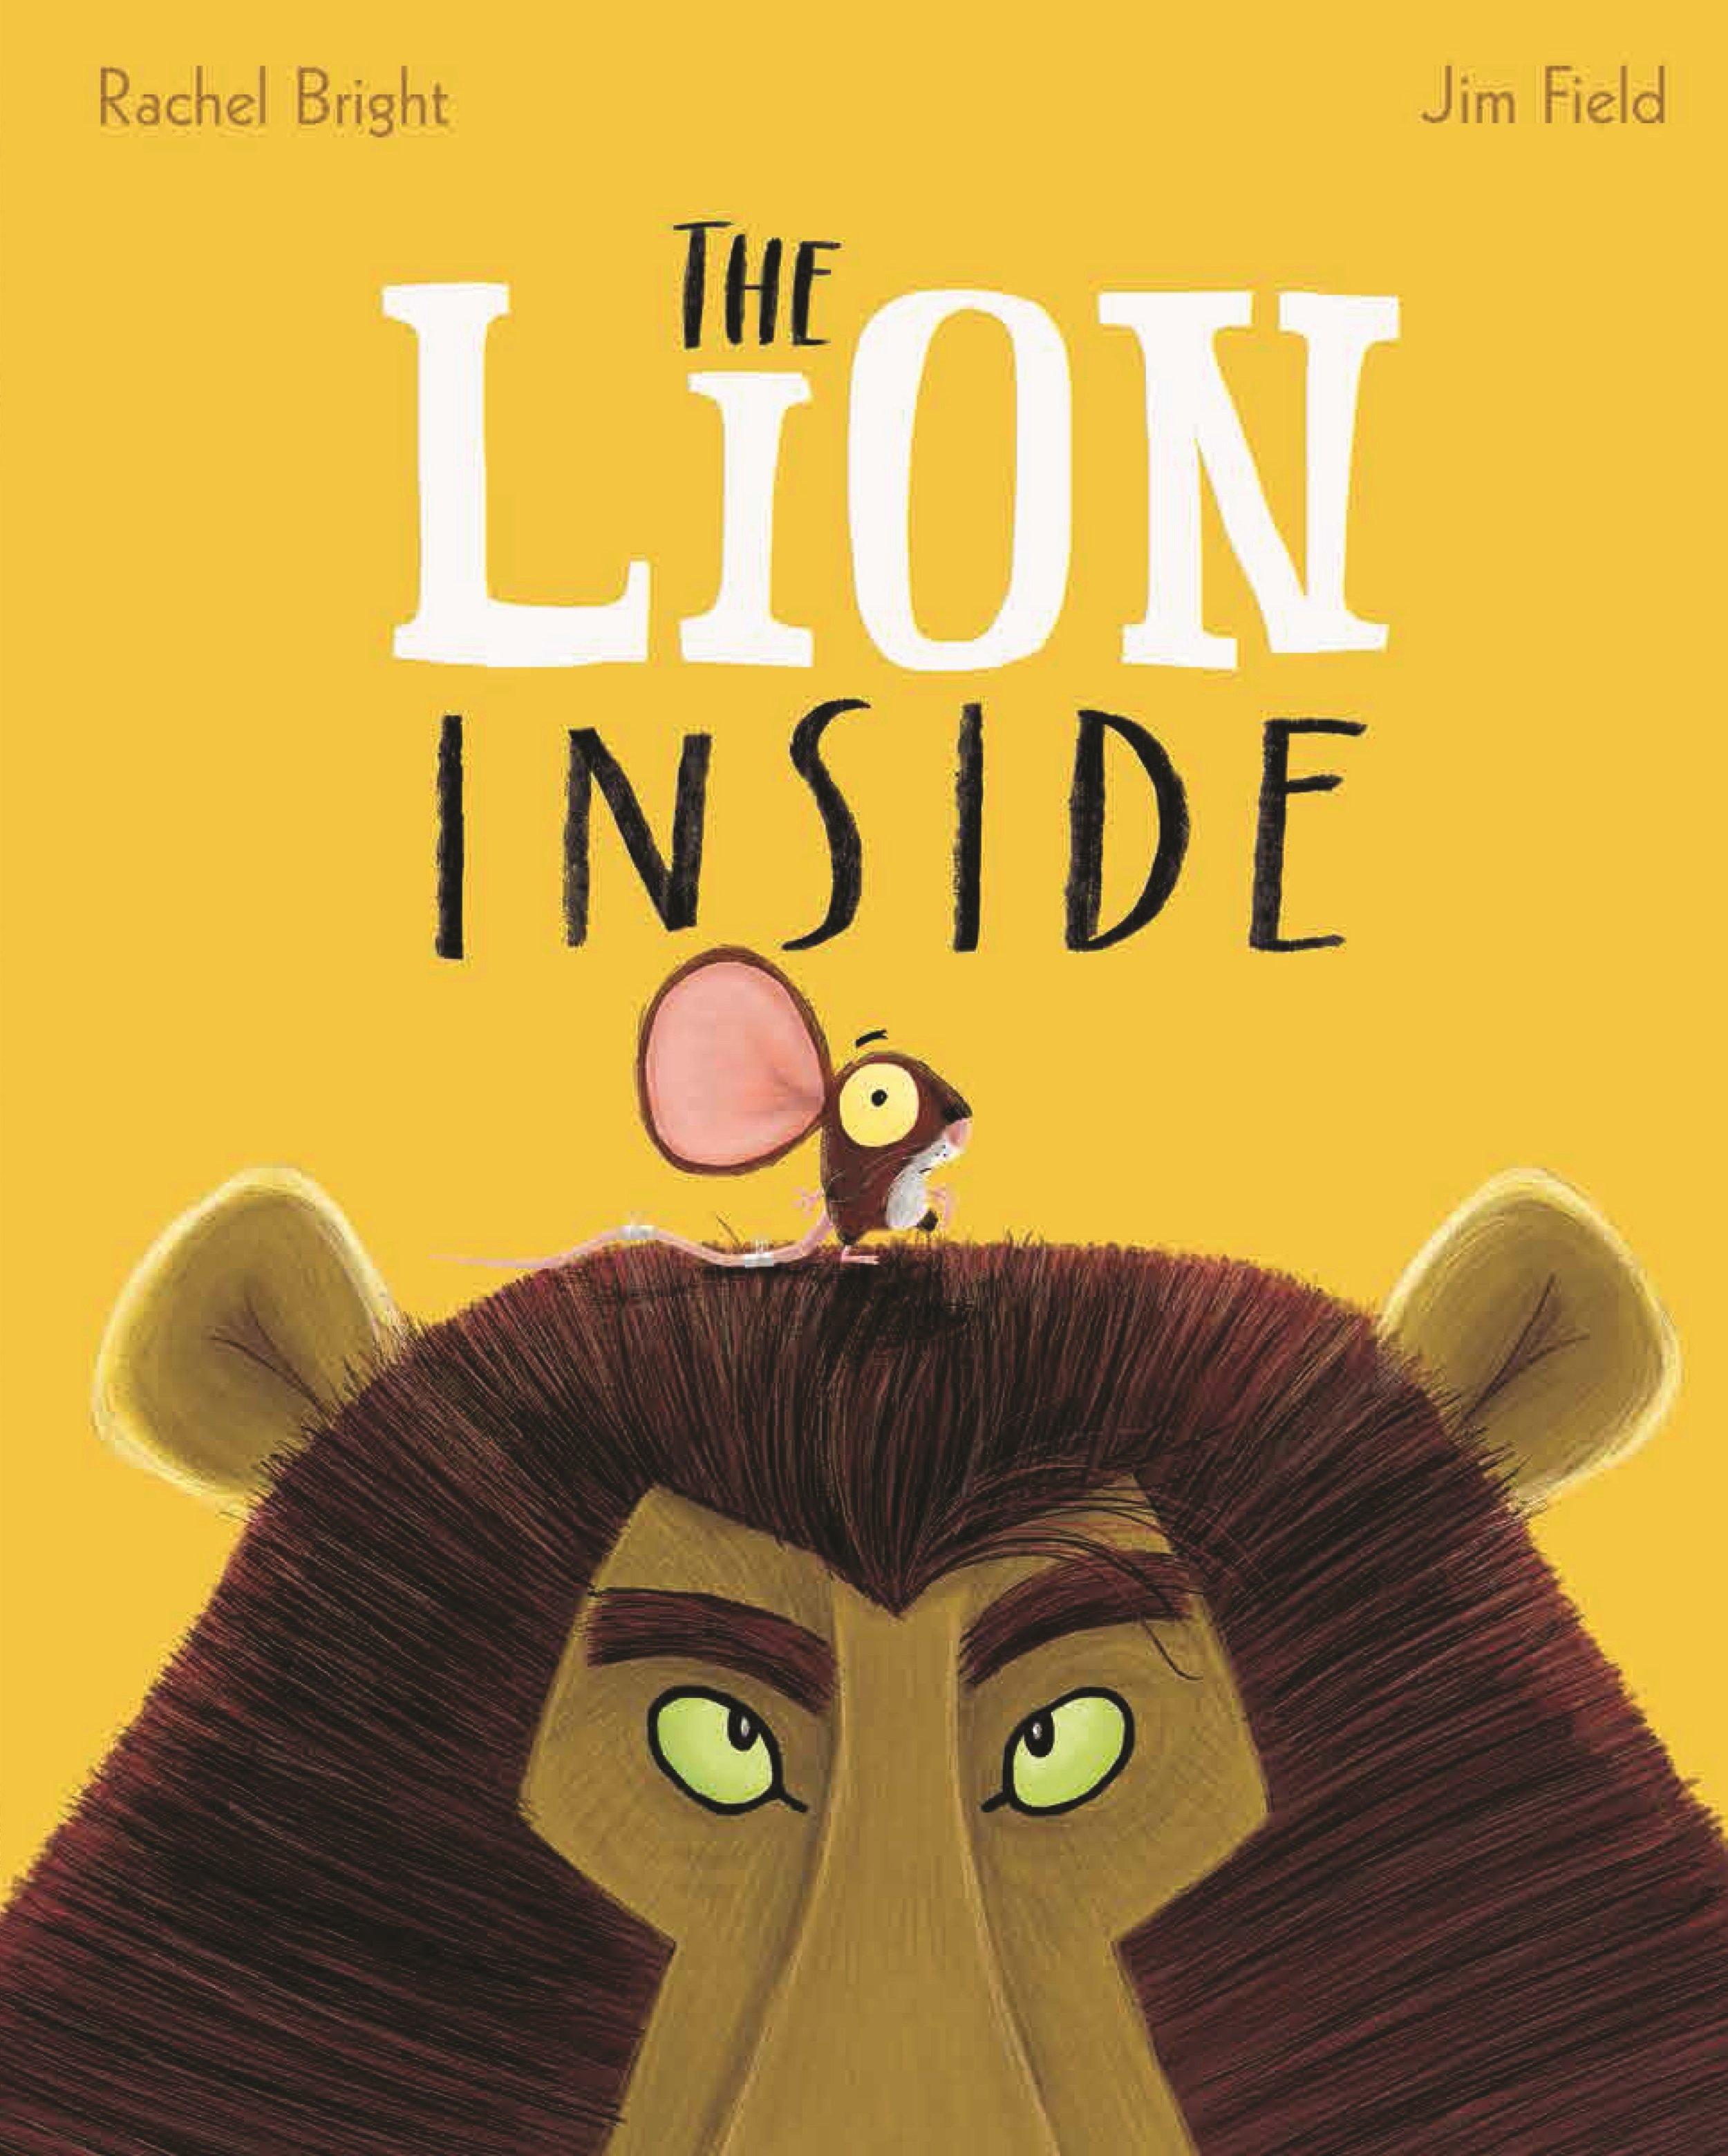 The Lion Inside.jpg